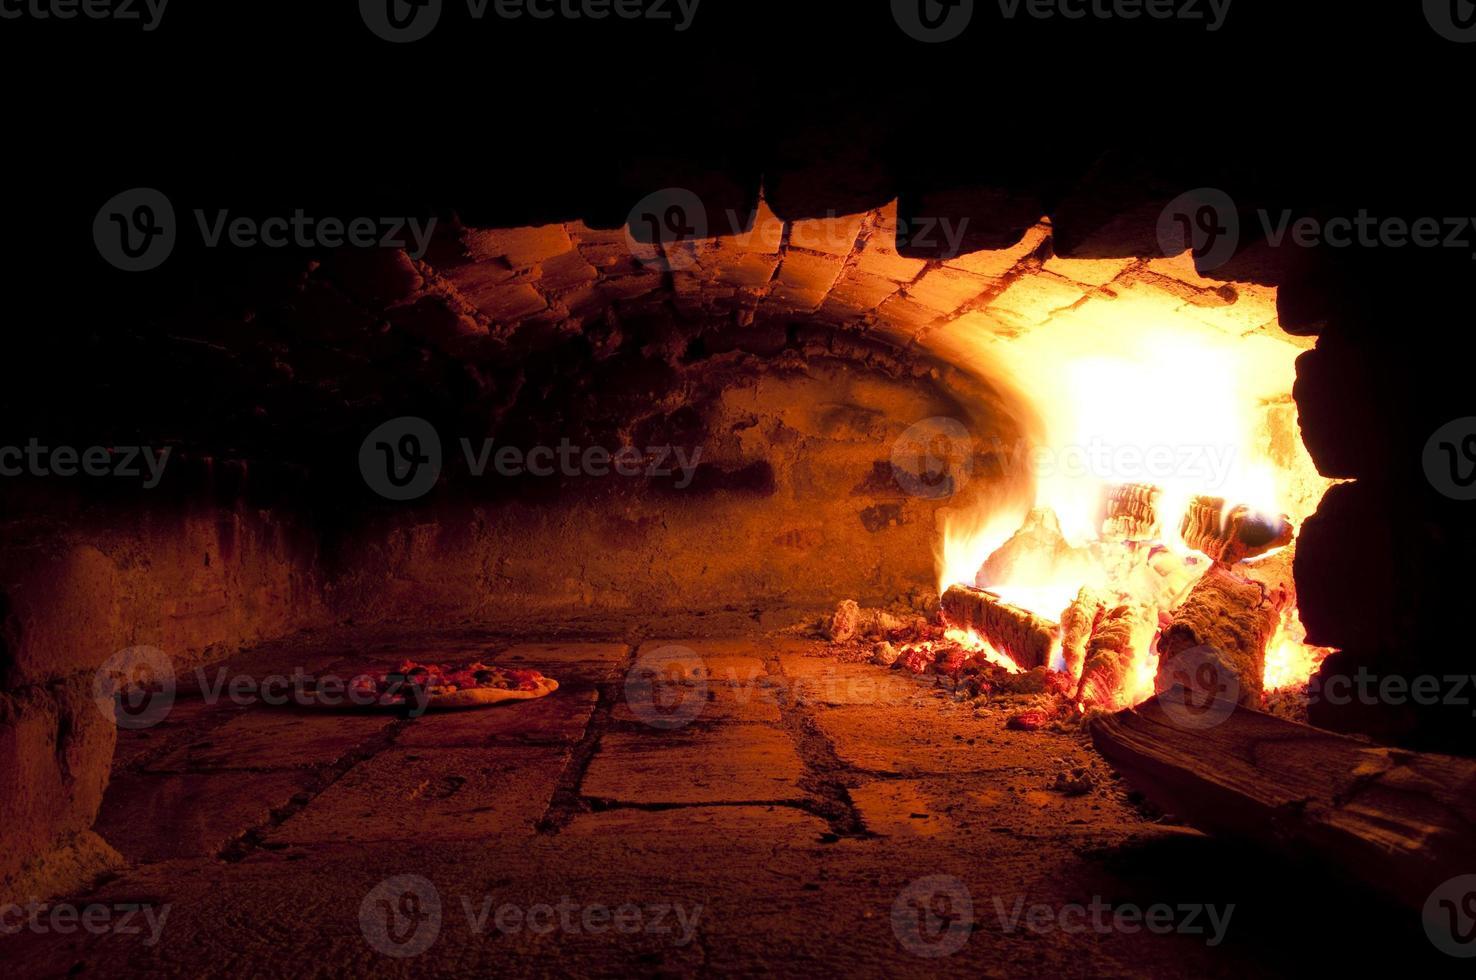 een traditionele oven voor het bakken van pizza foto